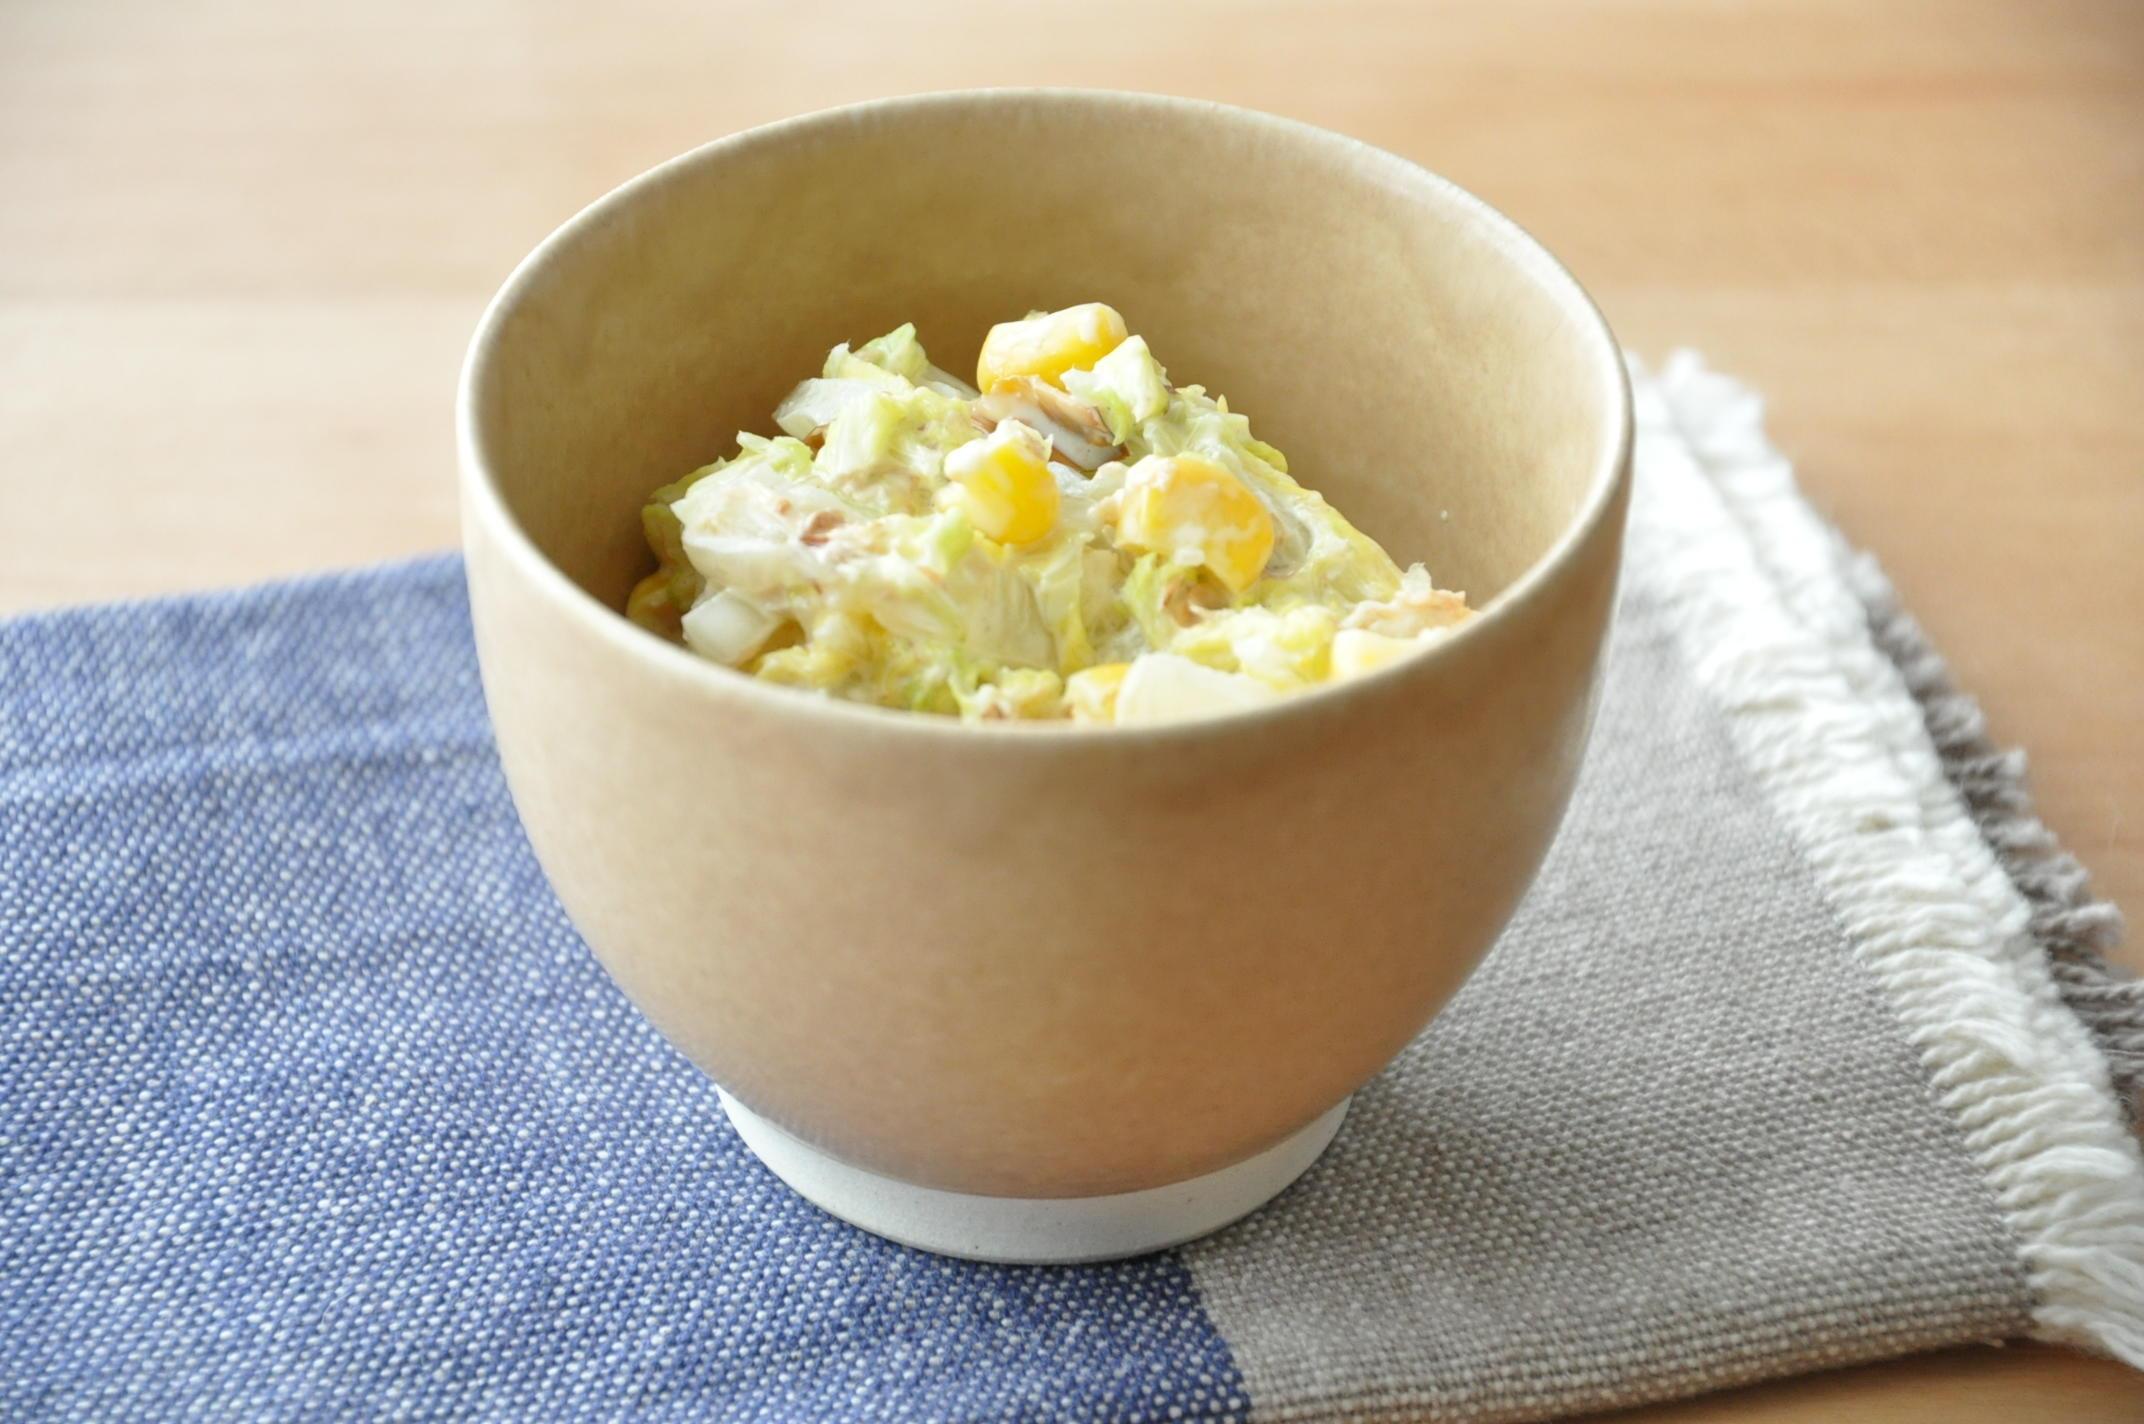 優しい甘みとシャキシャキ感がおいしい!白菜とコーンのサラダ